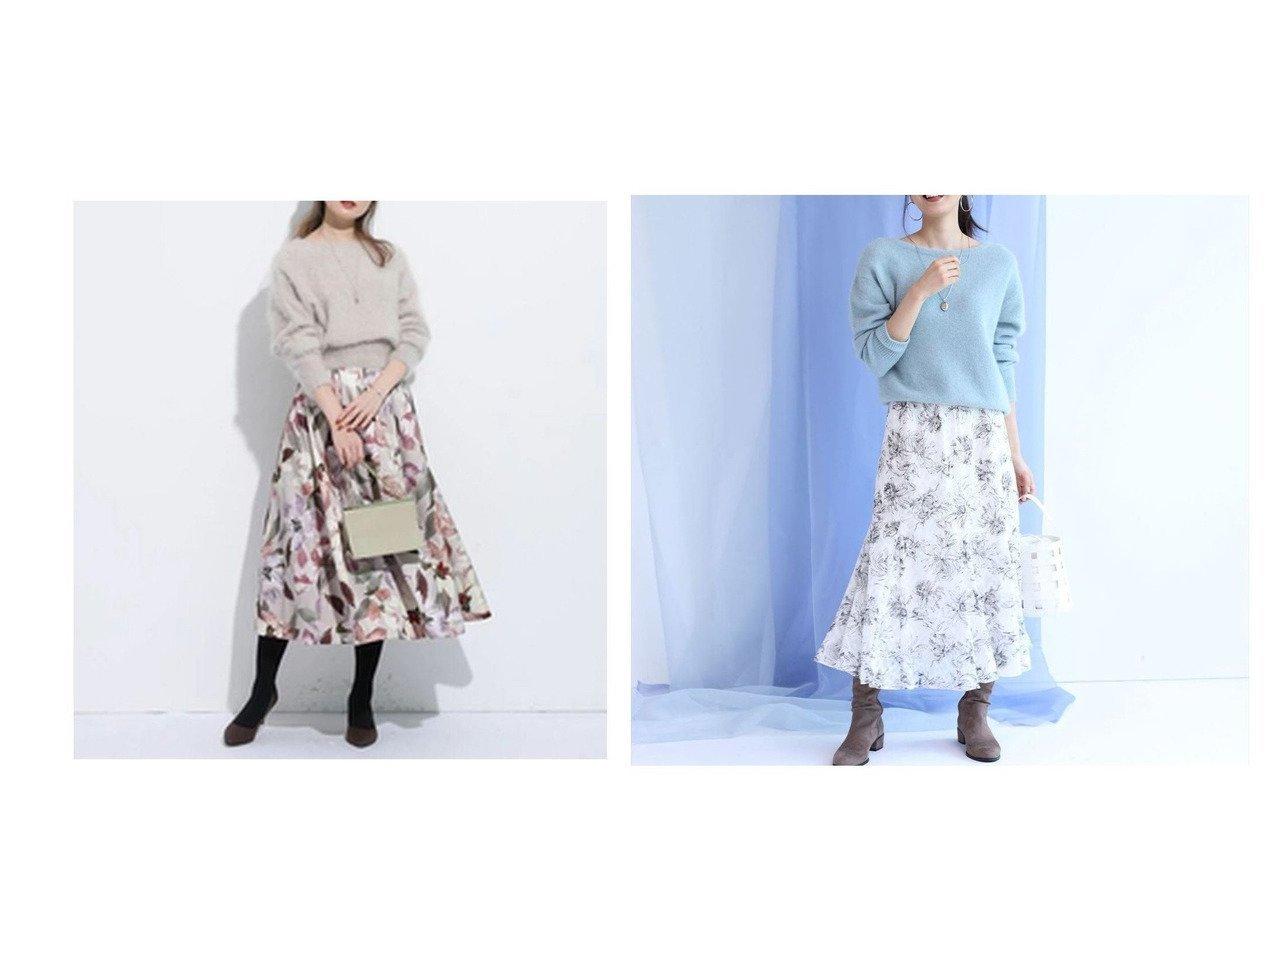 【Apuweiser-riche/アプワイザーリッシェ】のニュアンスフラワータックフレアスカート&【JUSGLITTY/ジャスグリッティー】のエアリージャガードプリントスカート スカートのおすすめ!人気、レディースファッションの通販 おすすめで人気のファッション通販商品 インテリア・家具・キッズファッション・メンズファッション・レディースファッション・服の通販 founy(ファニー) https://founy.com/ ファッション Fashion レディース WOMEN スカート Skirt Aライン/フレアスカート Flared A-Line Skirts コンパクト フレア プリント リラックス ワーク エアリー パターン |ID:crp329100000001499